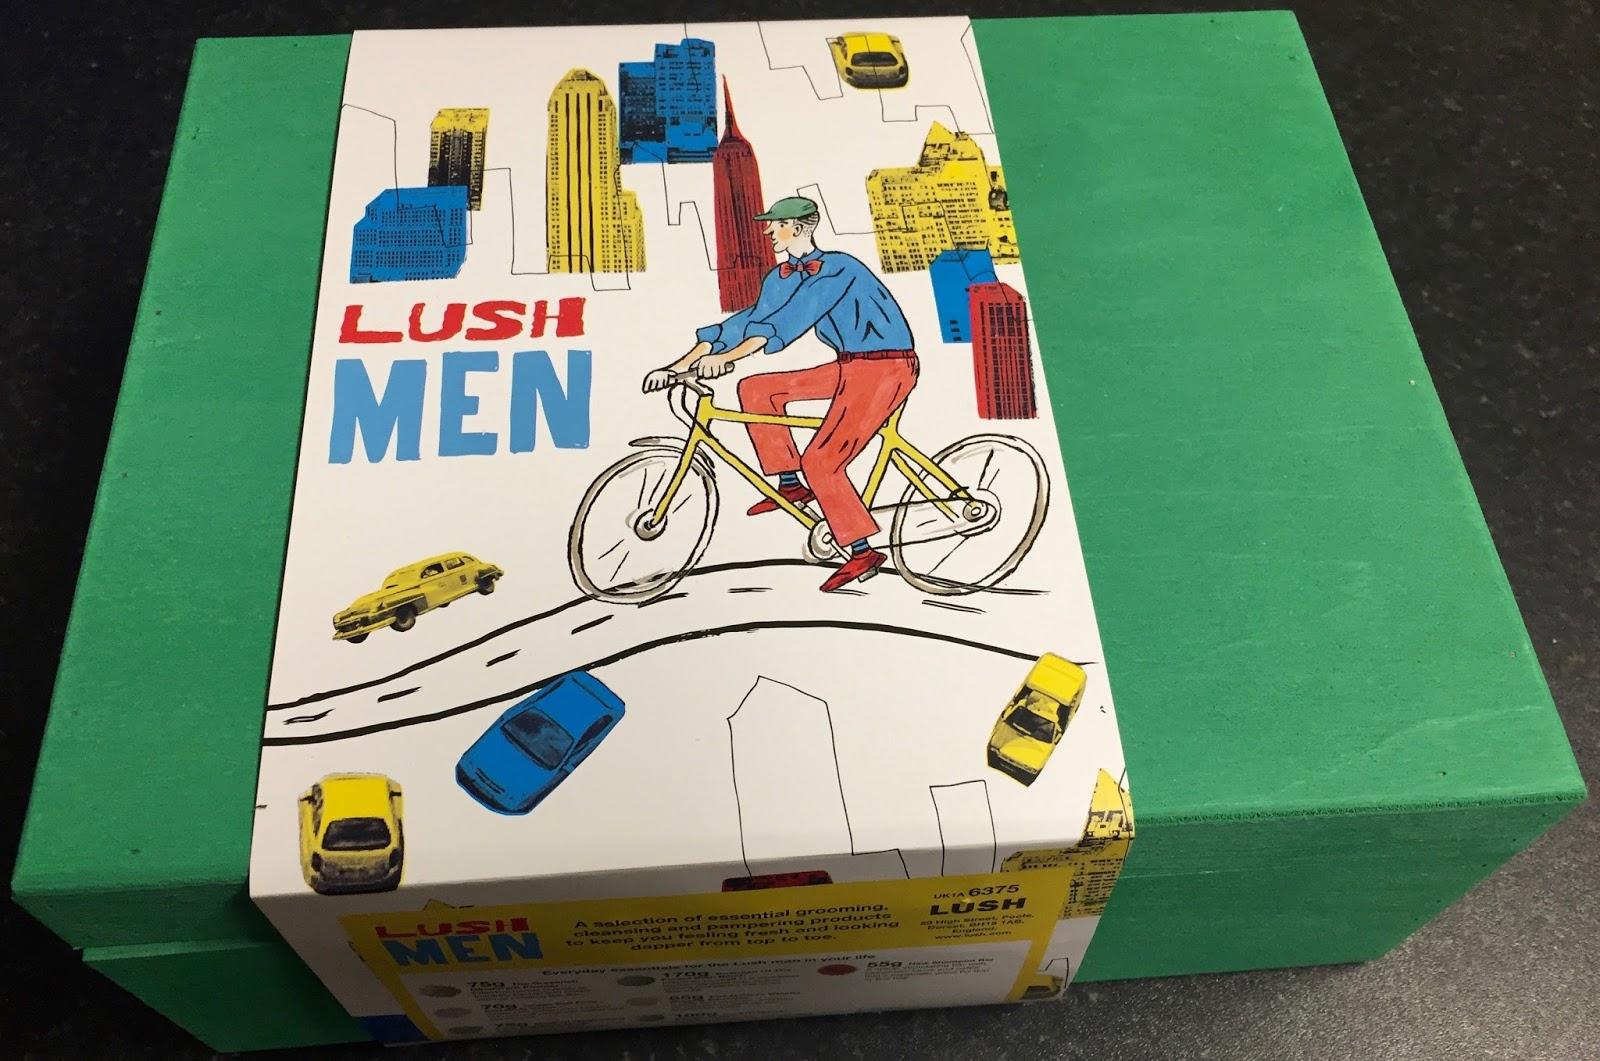 All Things Lush UK: Lush Men Wooden Box Gift Set